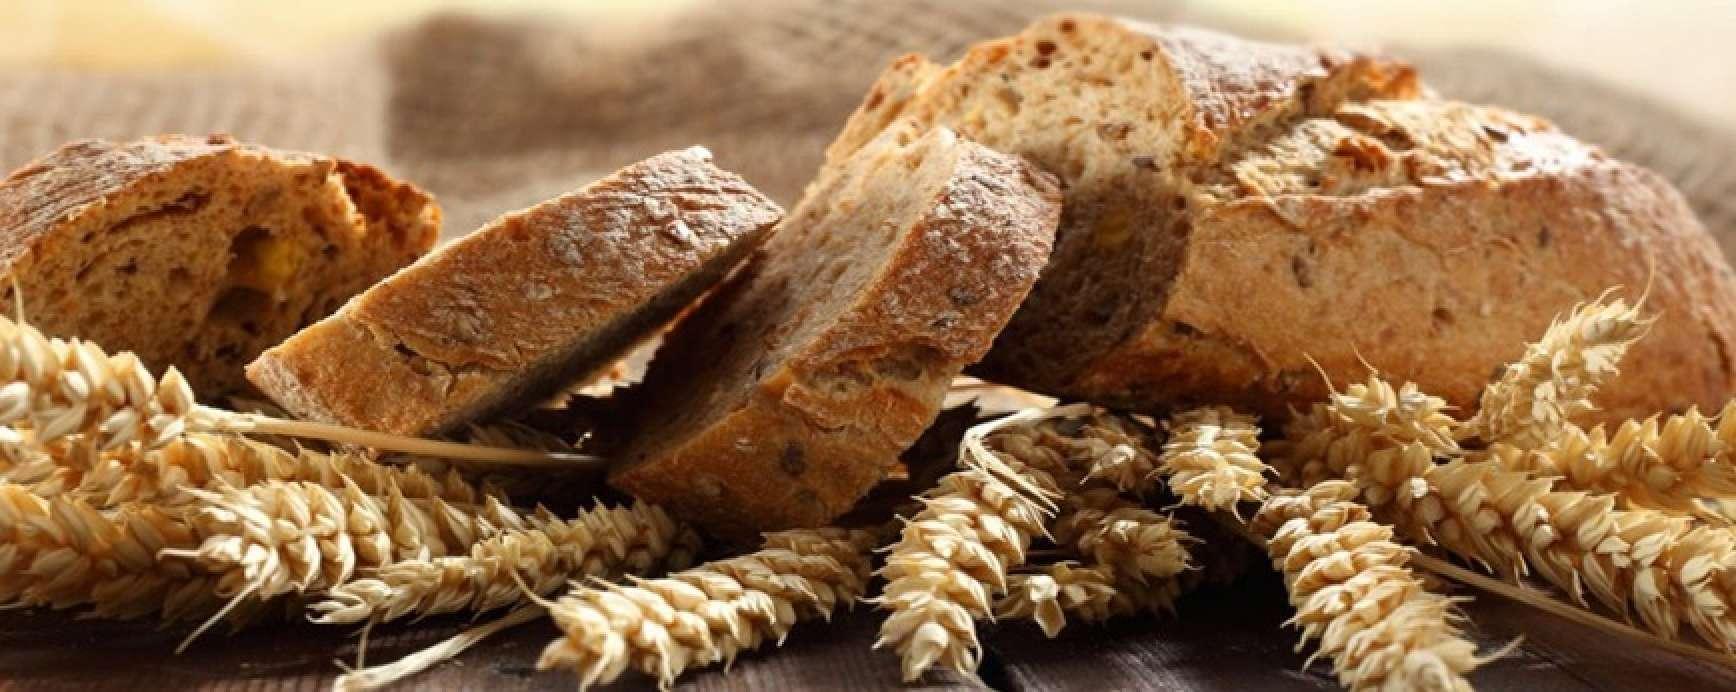 Karnemelkbrood met kokosvezels